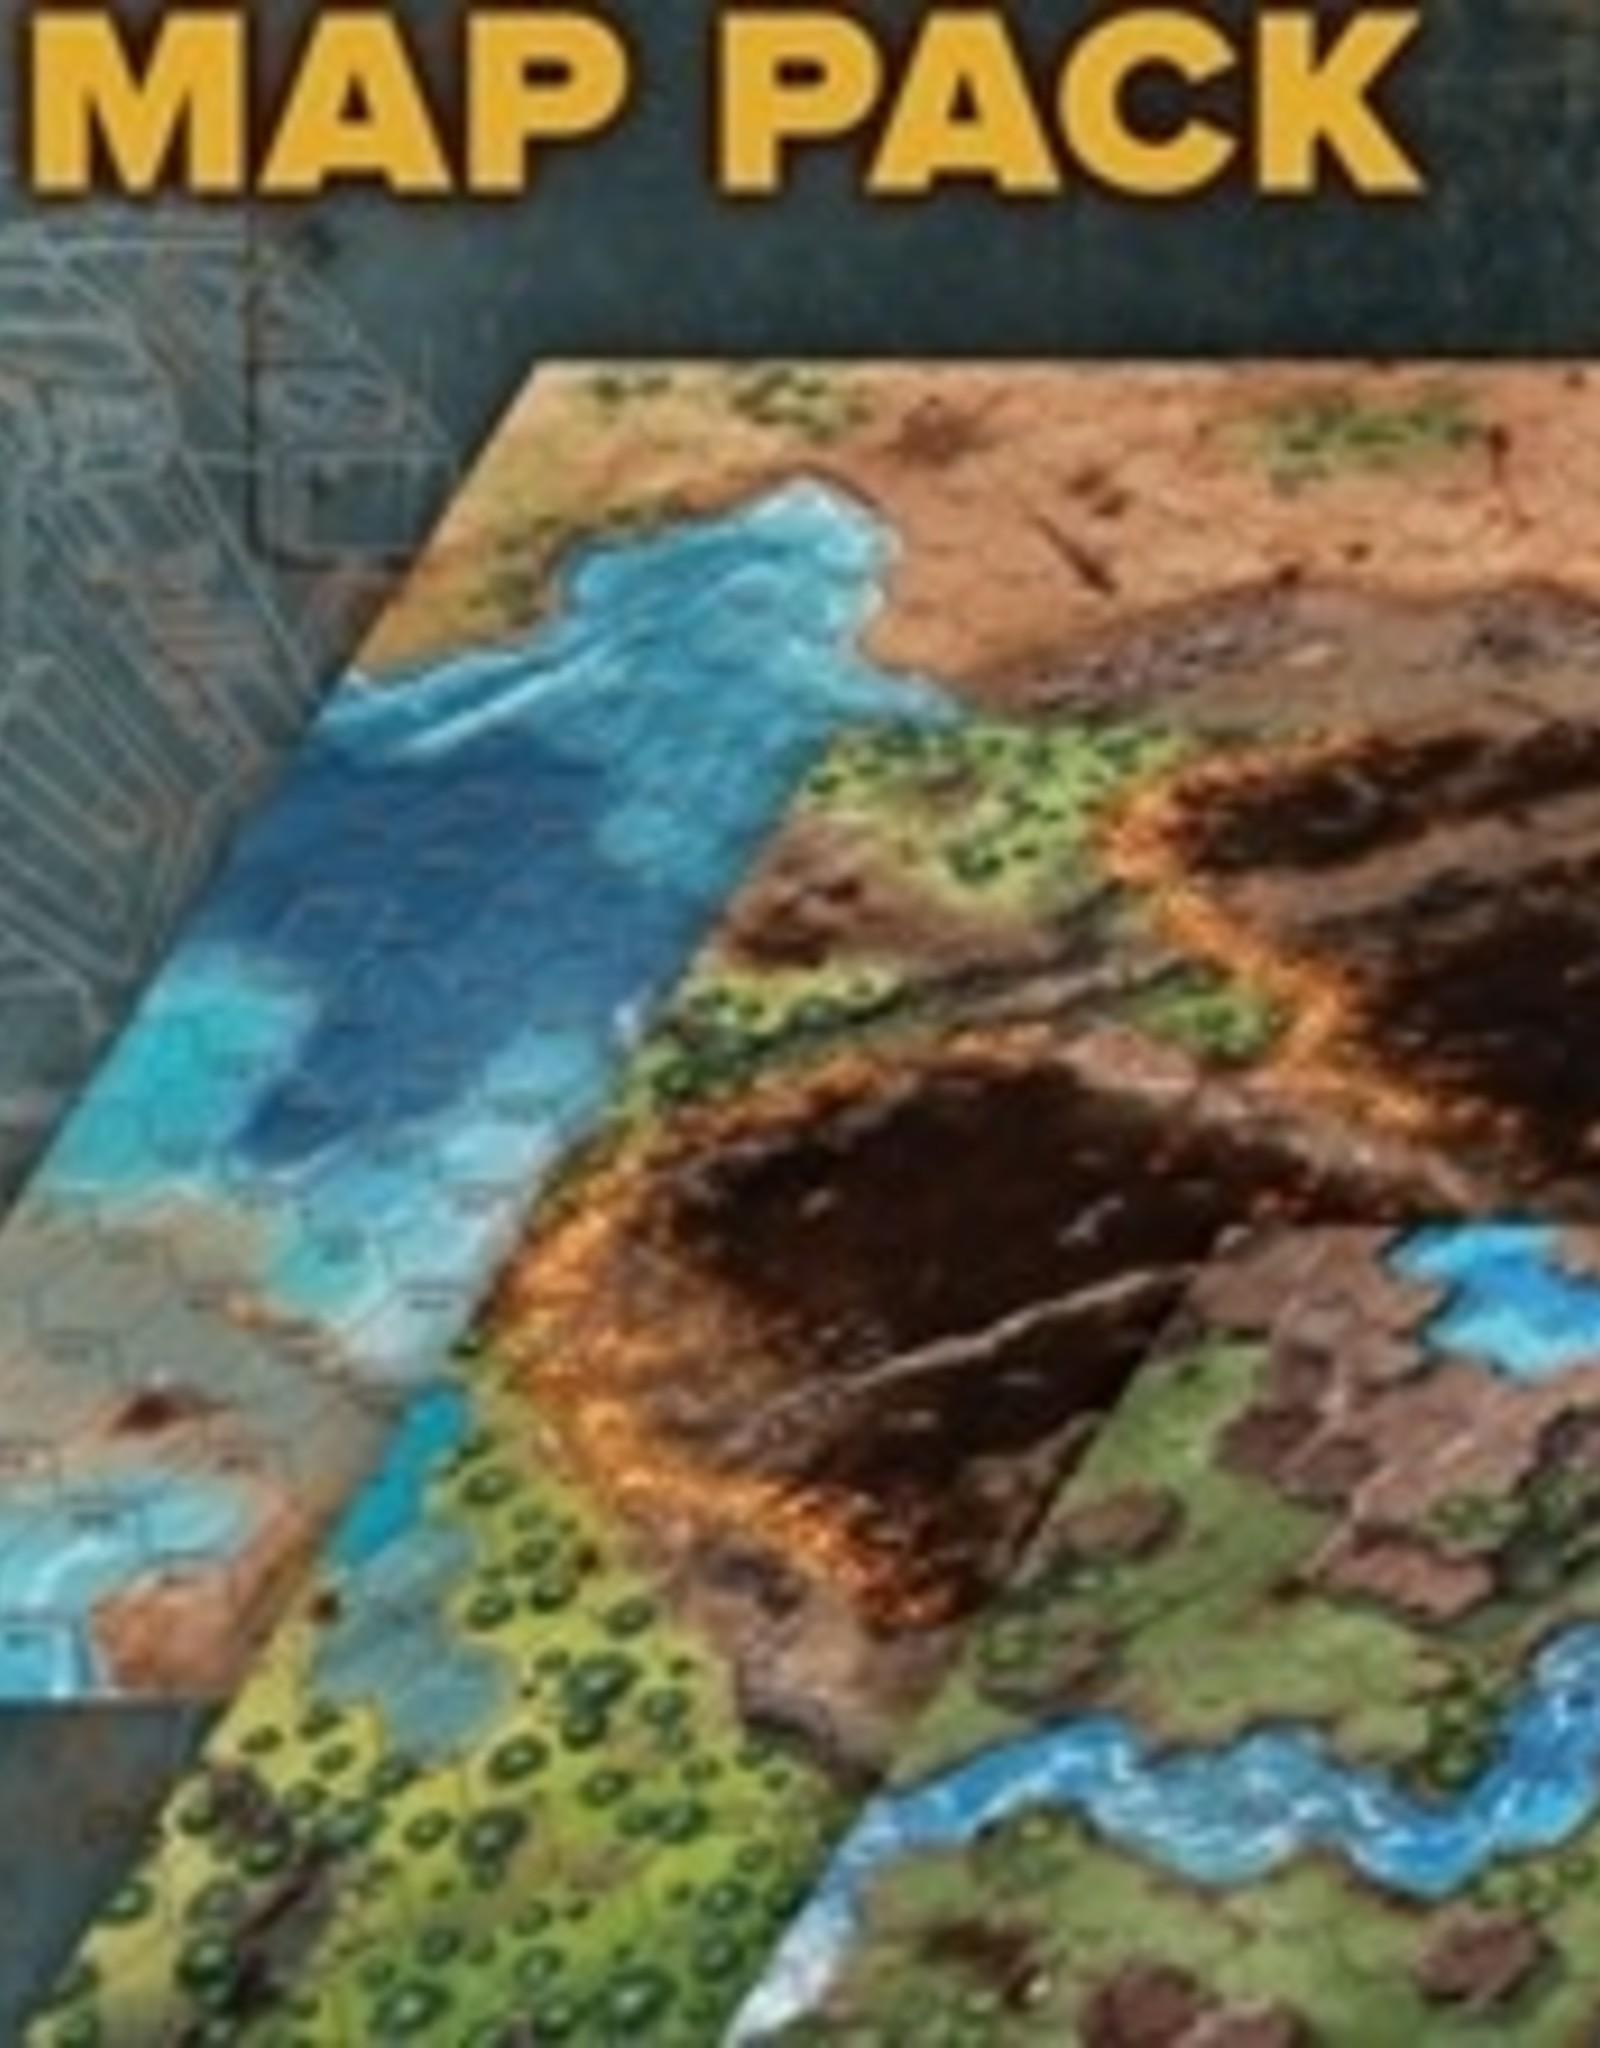 Catan Studio BattleTech MapPack: Battle for Tukayyid